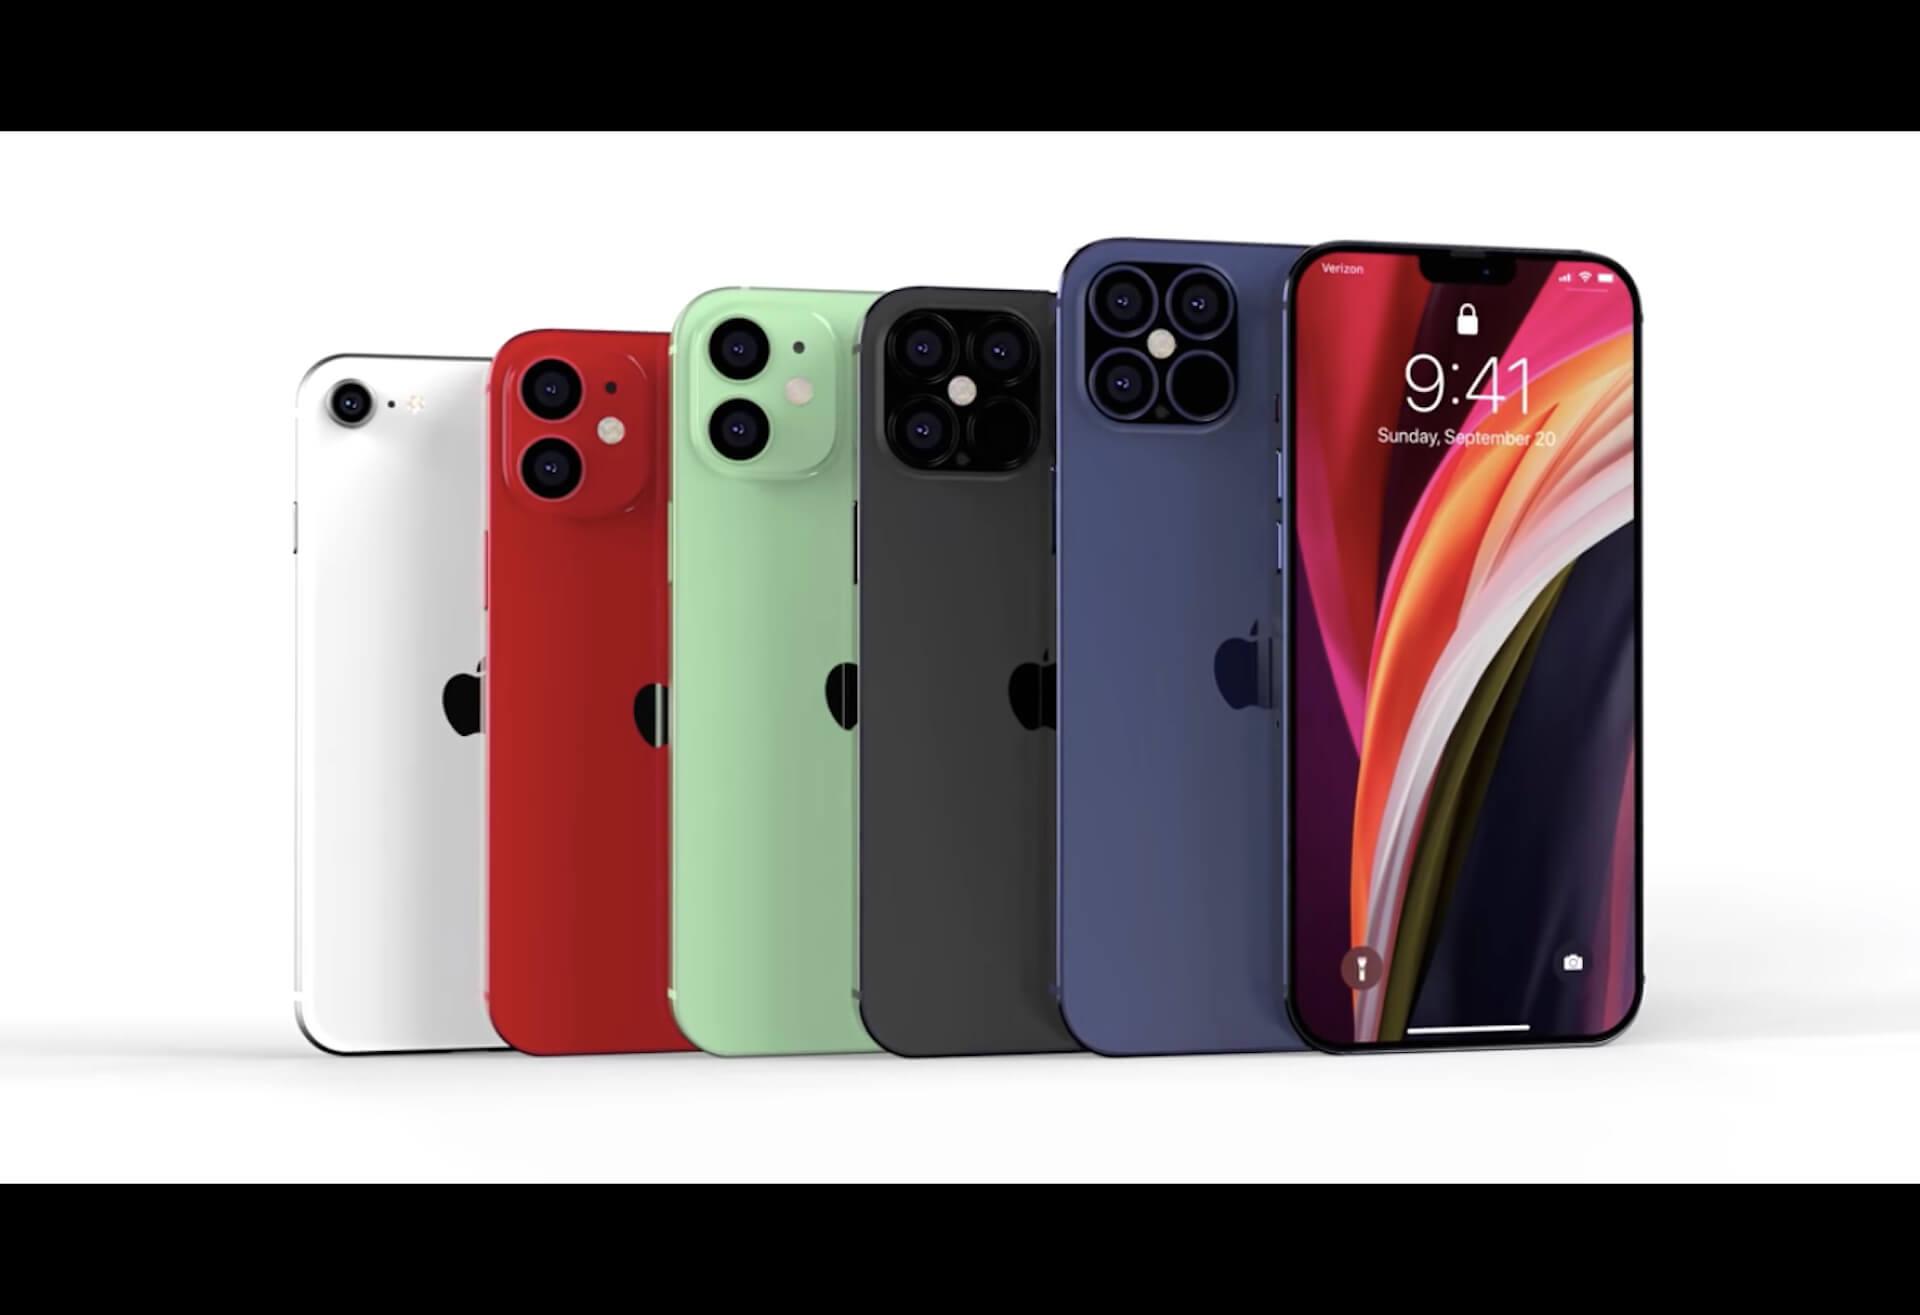 iPhone 12シリーズはやはり縦長なモデルが中心?アスペクト比がリーク tech200520_iphone12_main